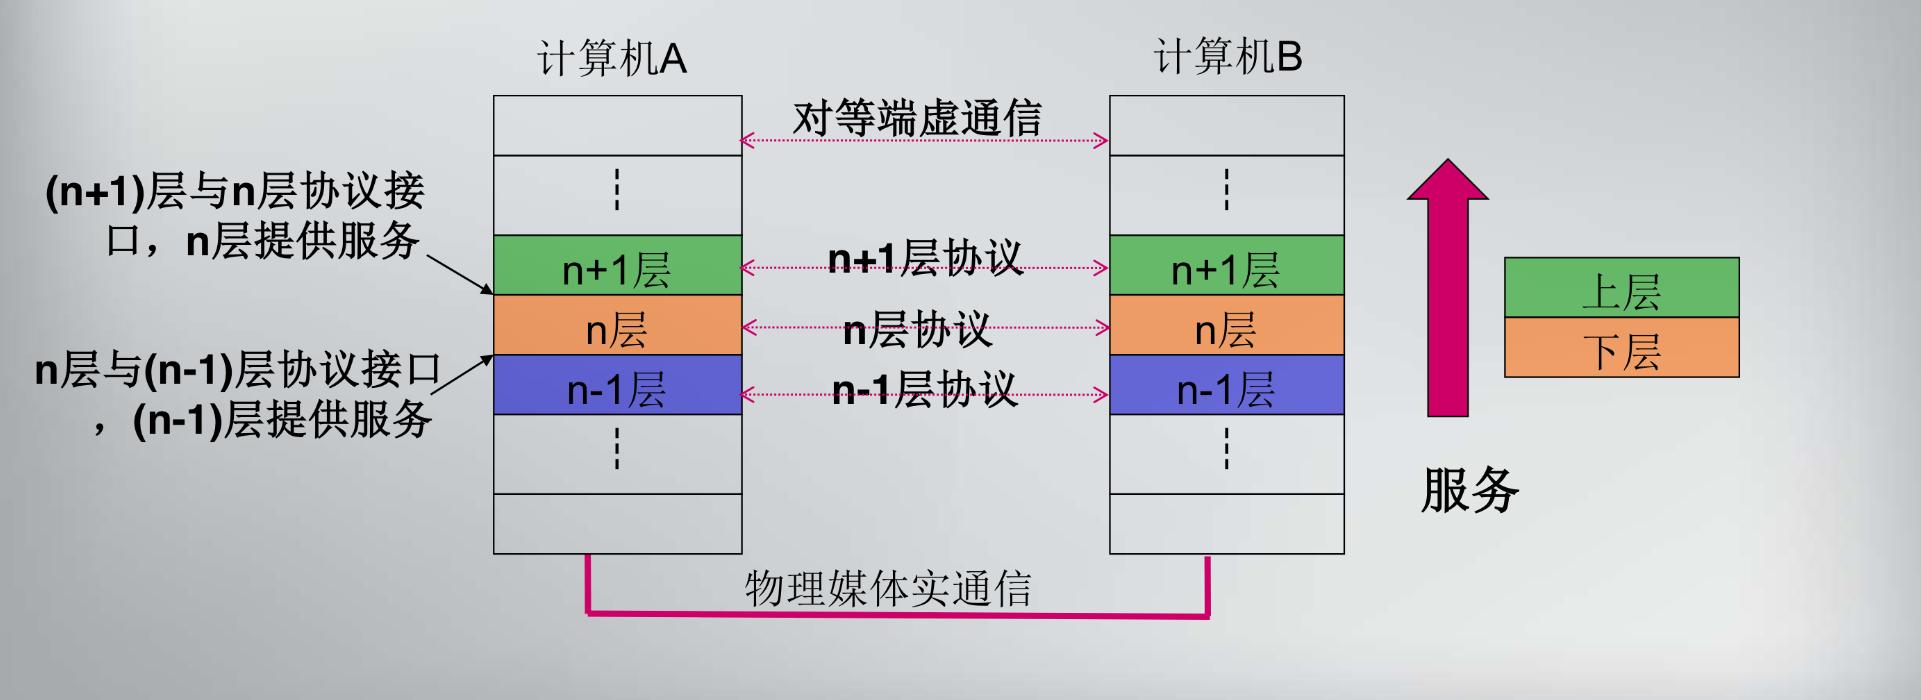 协议层次模型-d188d934-e5f1-448f-a41c-07e21244acb0-1535522066472-16919599